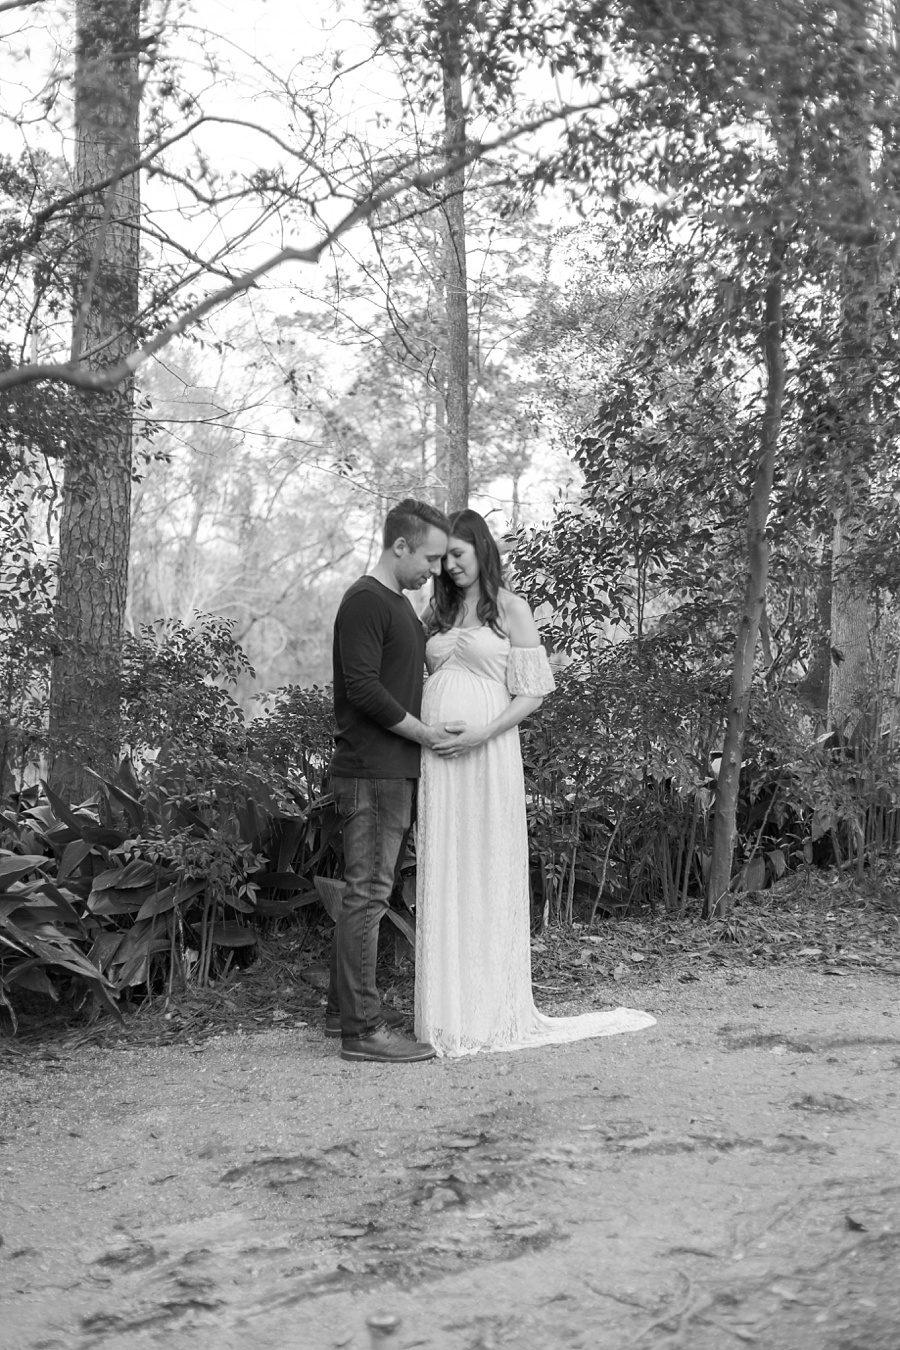 peaceful maternity photography botanical garden and arboretum houston tx